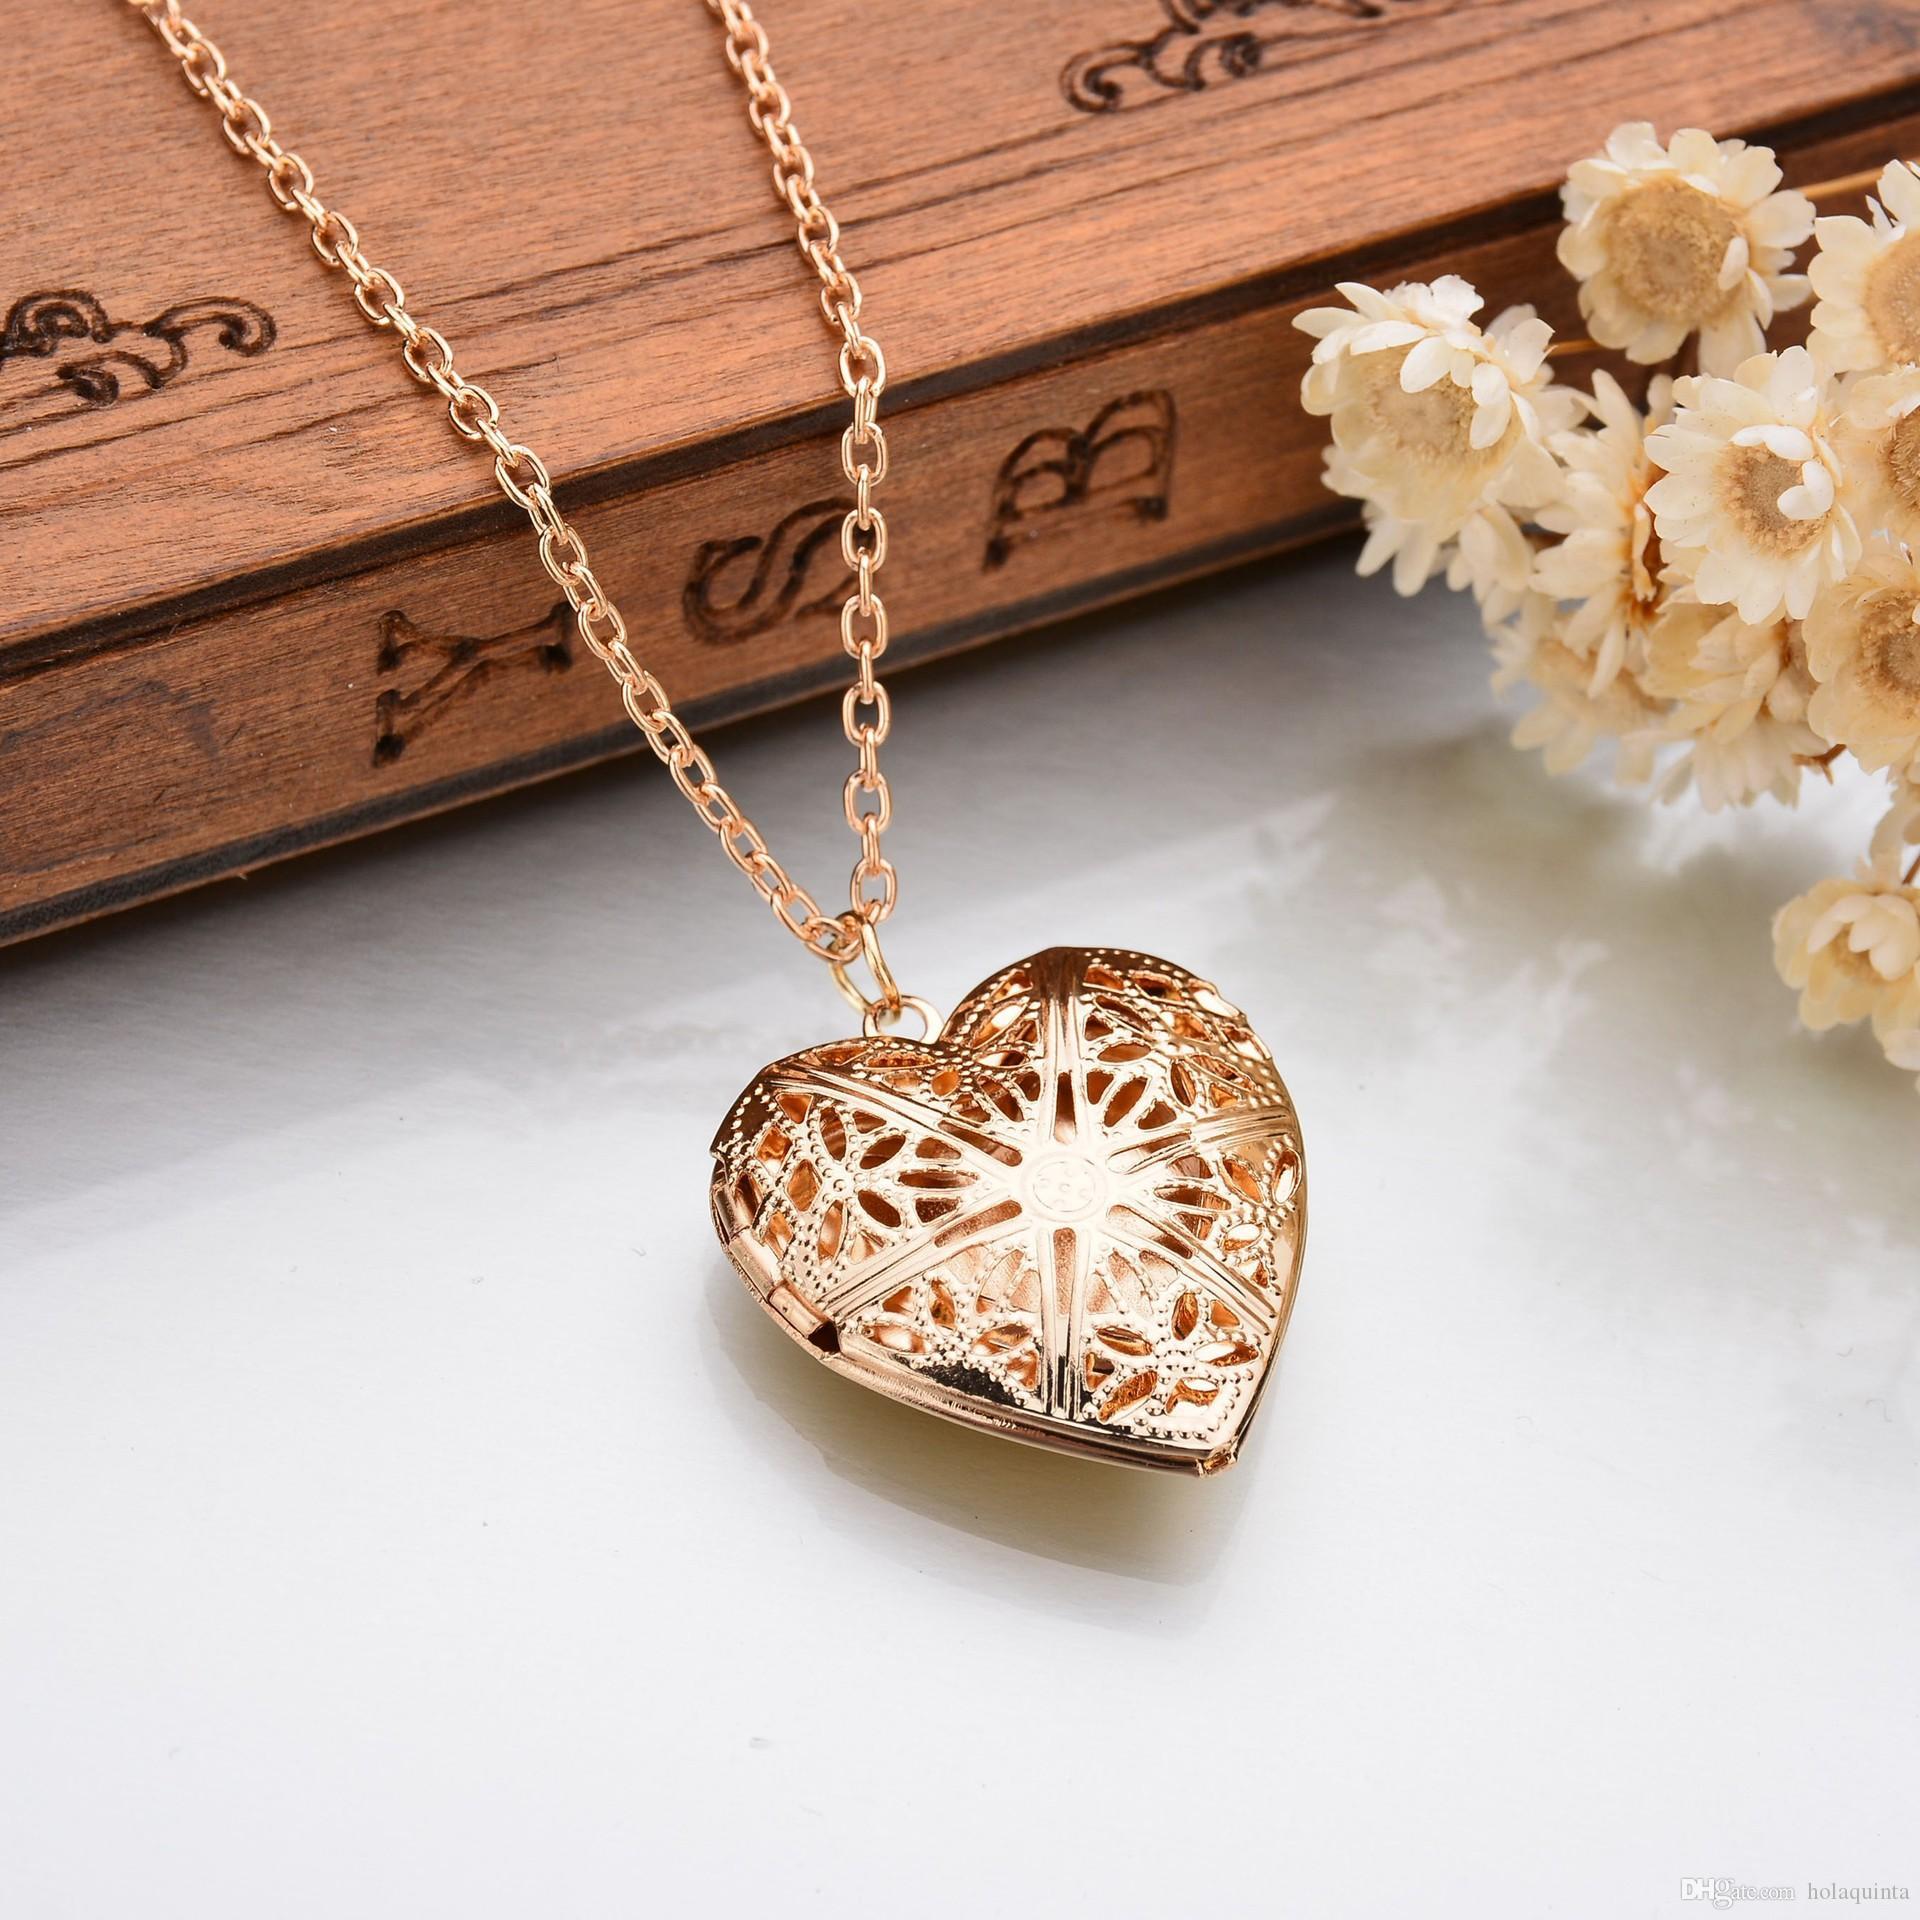 Collar hueco en forma de corazón hueco de oro Locket Mujeres Accesorios de joyería Caja de fotos linda